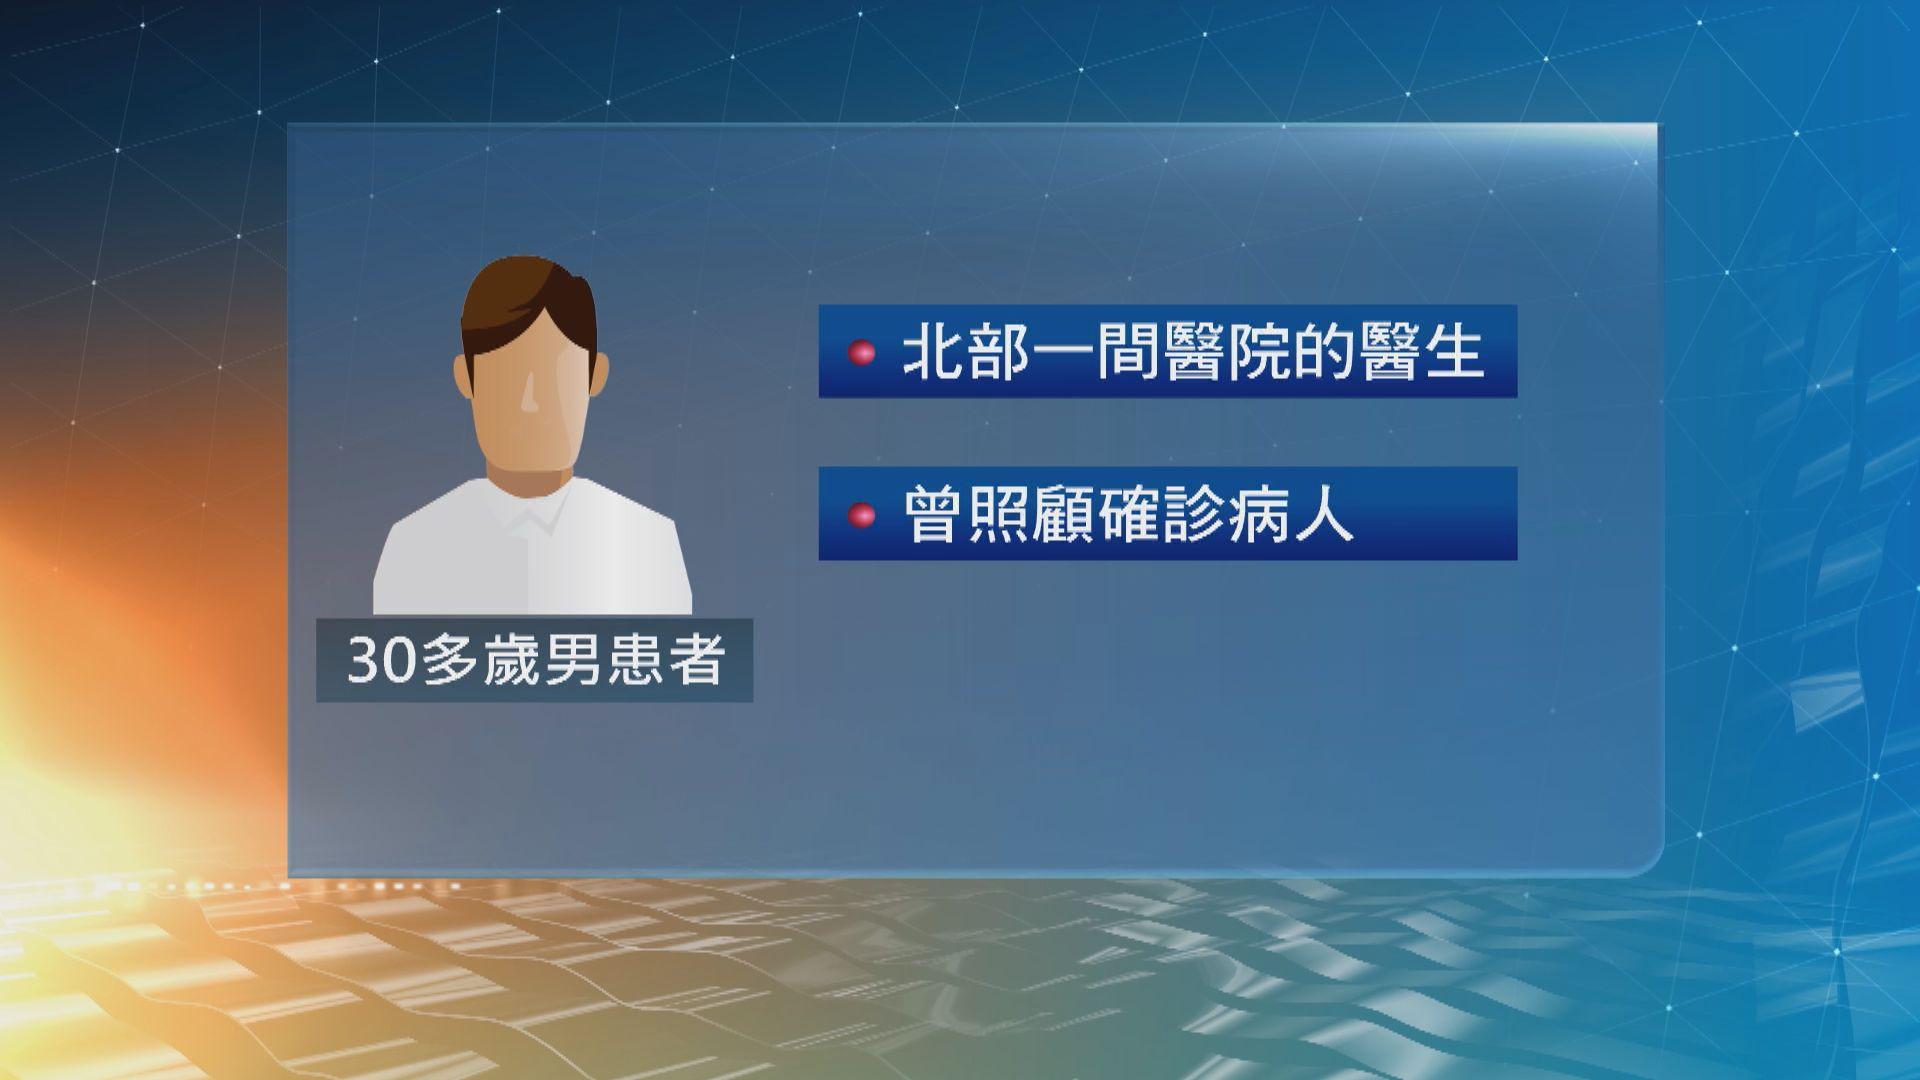 台灣新增兩宗本土病例 確診醫生所屬醫院停收住院病人